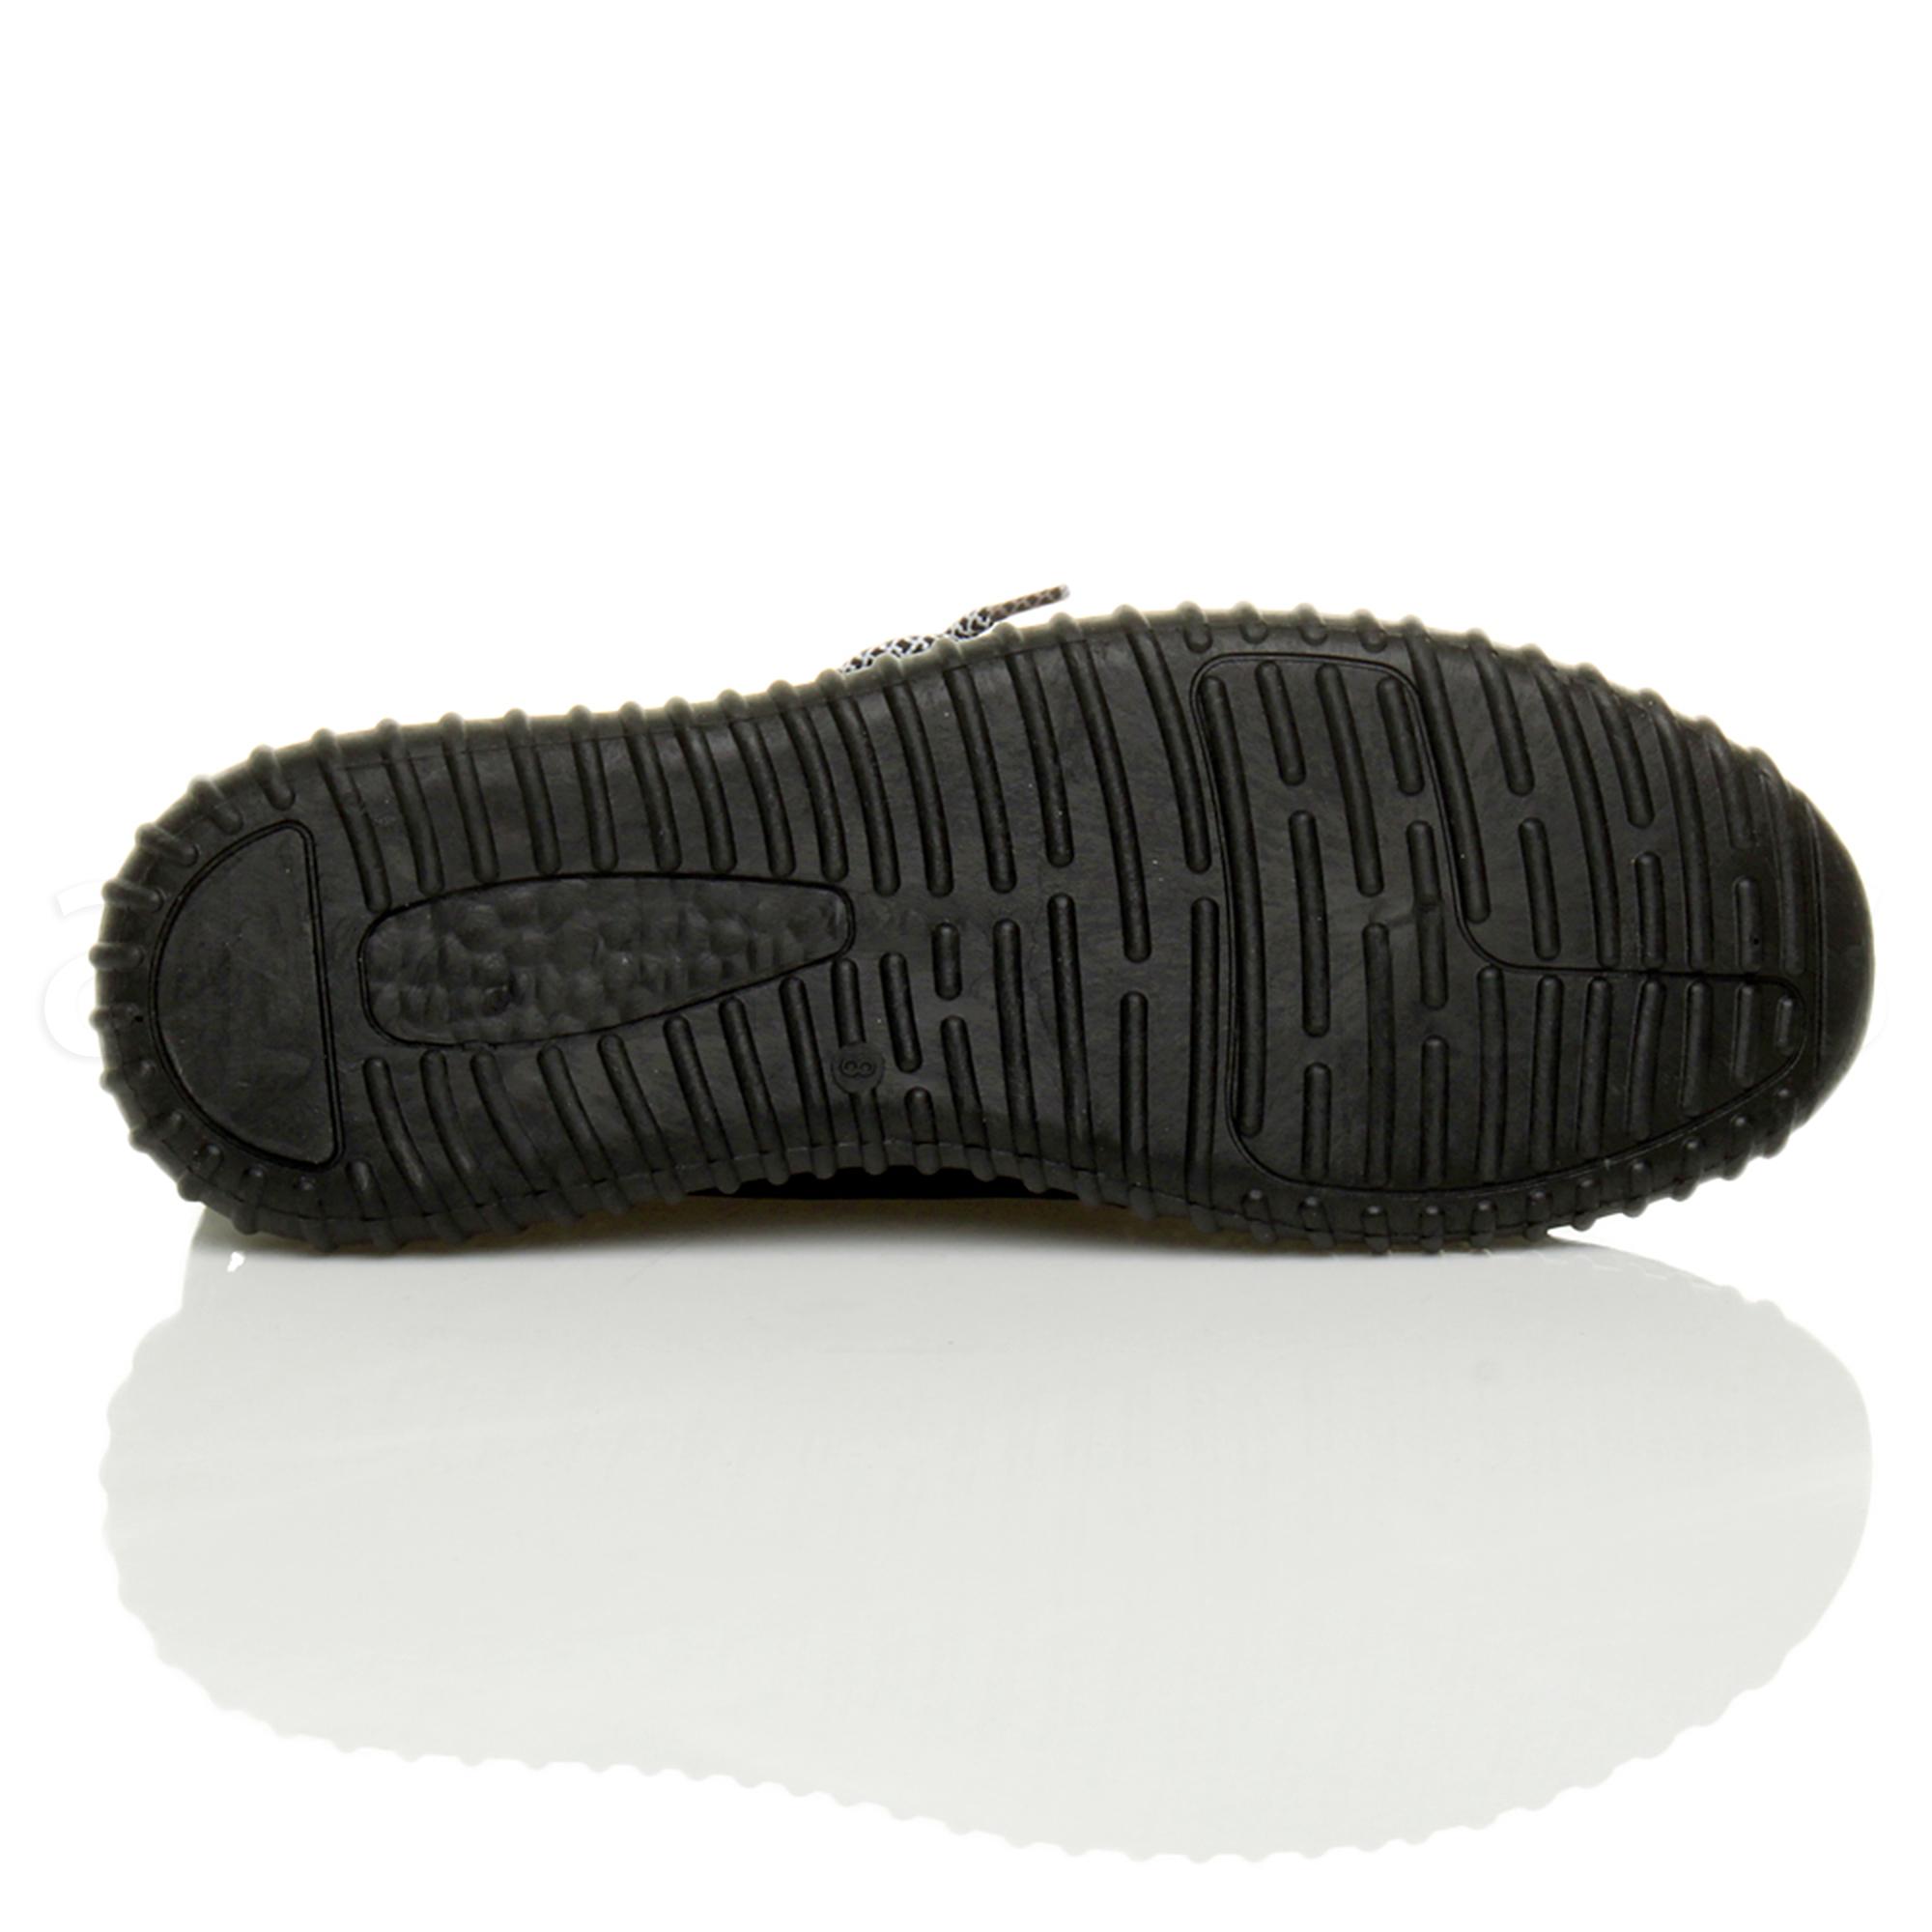 Herren Damen Unisex Laufschuhe Sports Schnüren Sneakers Freizeitschuhe Größe